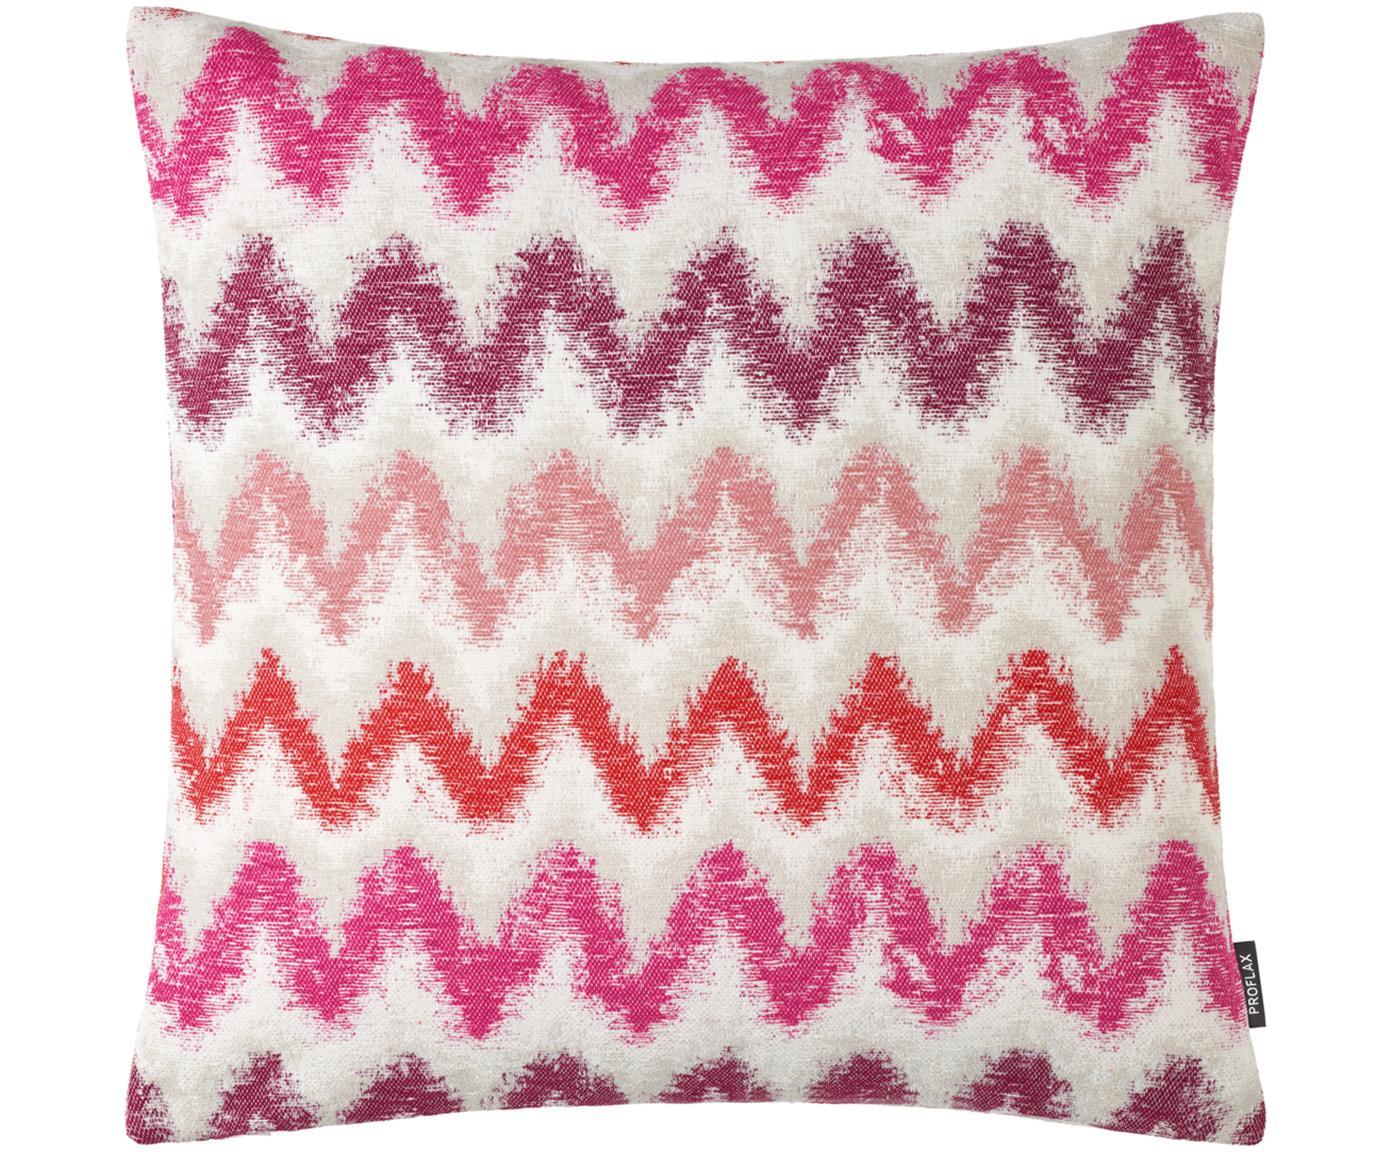 Kissenhülle Pari mit Zickzack-Muster, 100% Polyester, Hellbeige, Pink- und Rosatöne, 45 x 45 cm